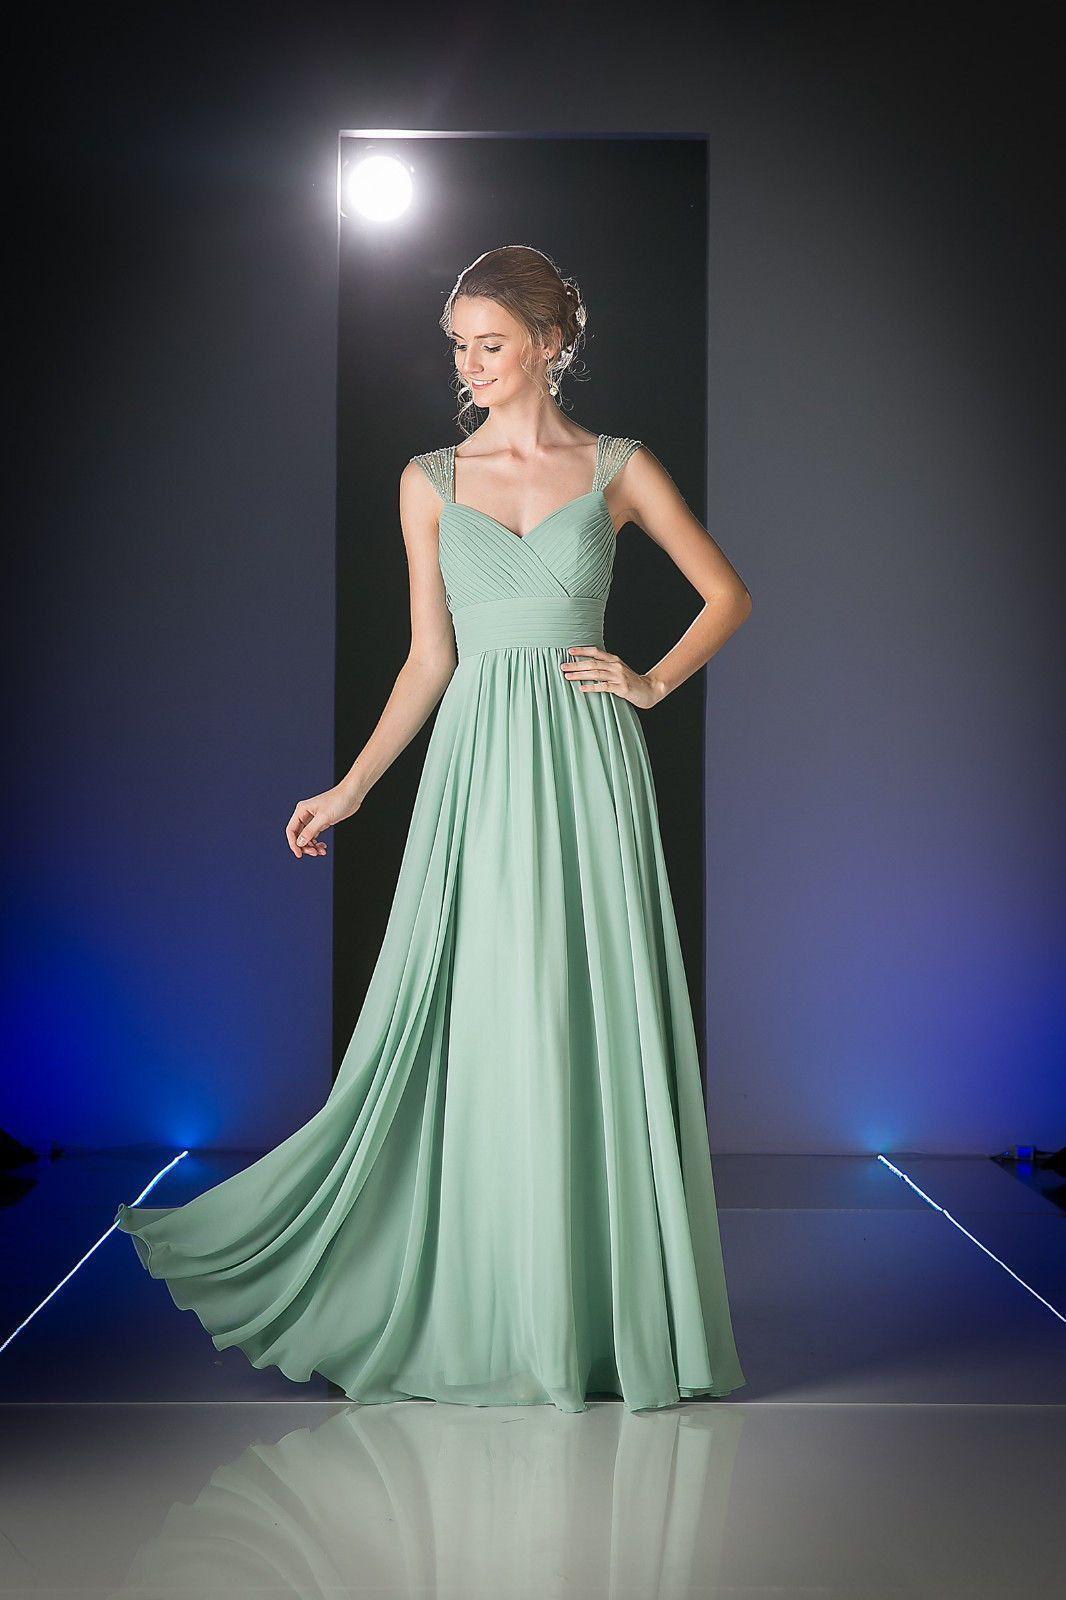 An elegant simple long bridesmaid dress features beaded sheer cap